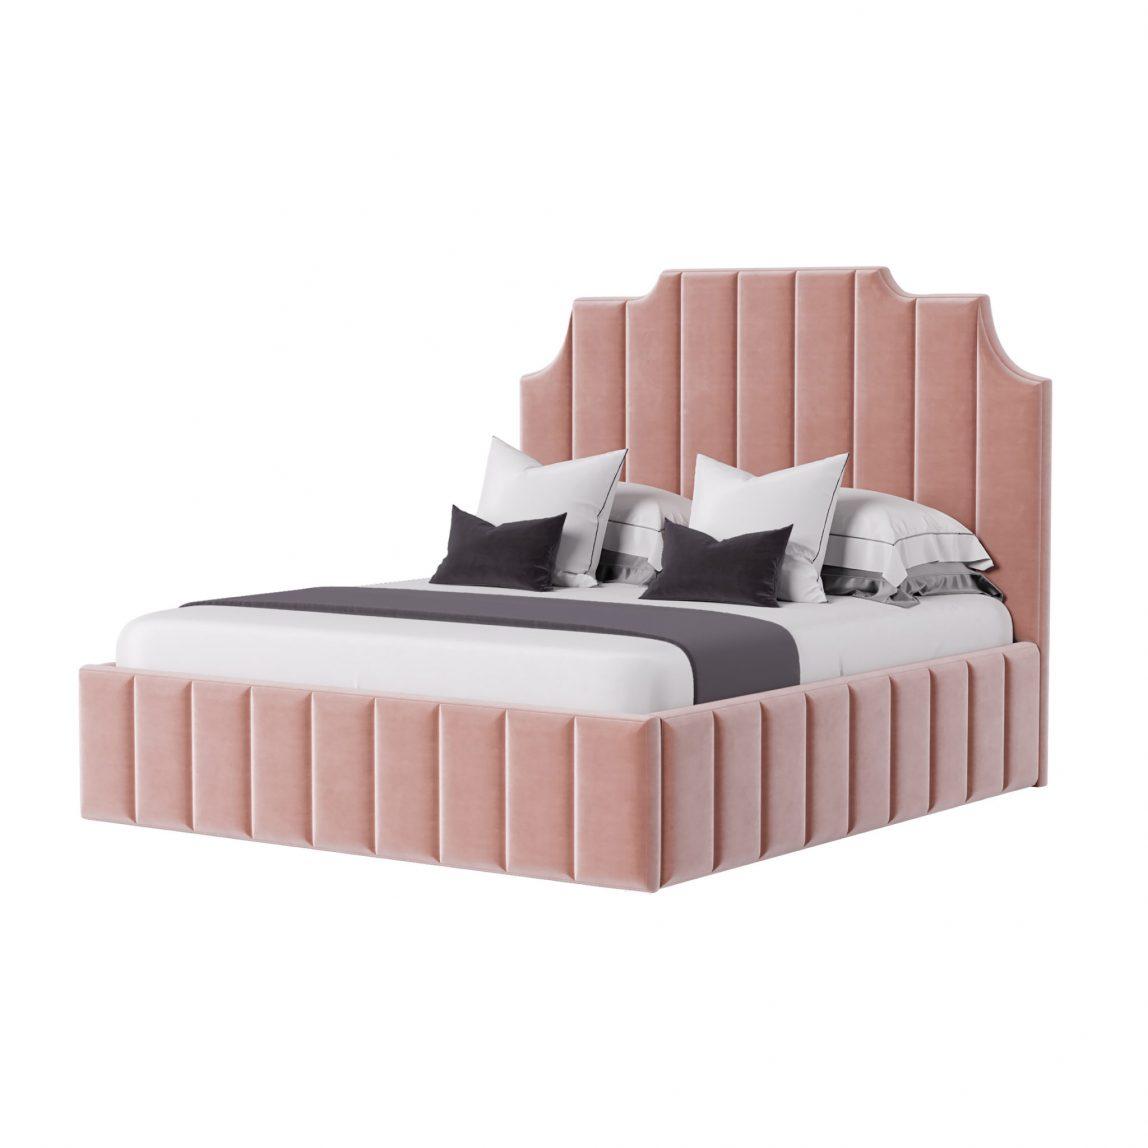 Кровать Китон в стиле Арт-деко